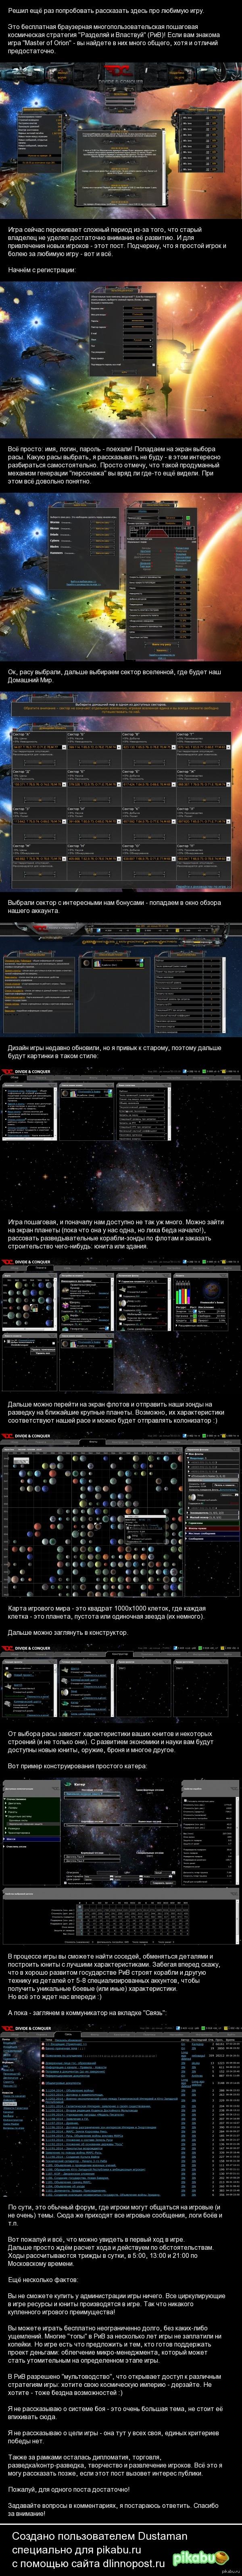 Белые буквы на чёрном фоне Всё это вы найдете по ссылке www.the-game.ru